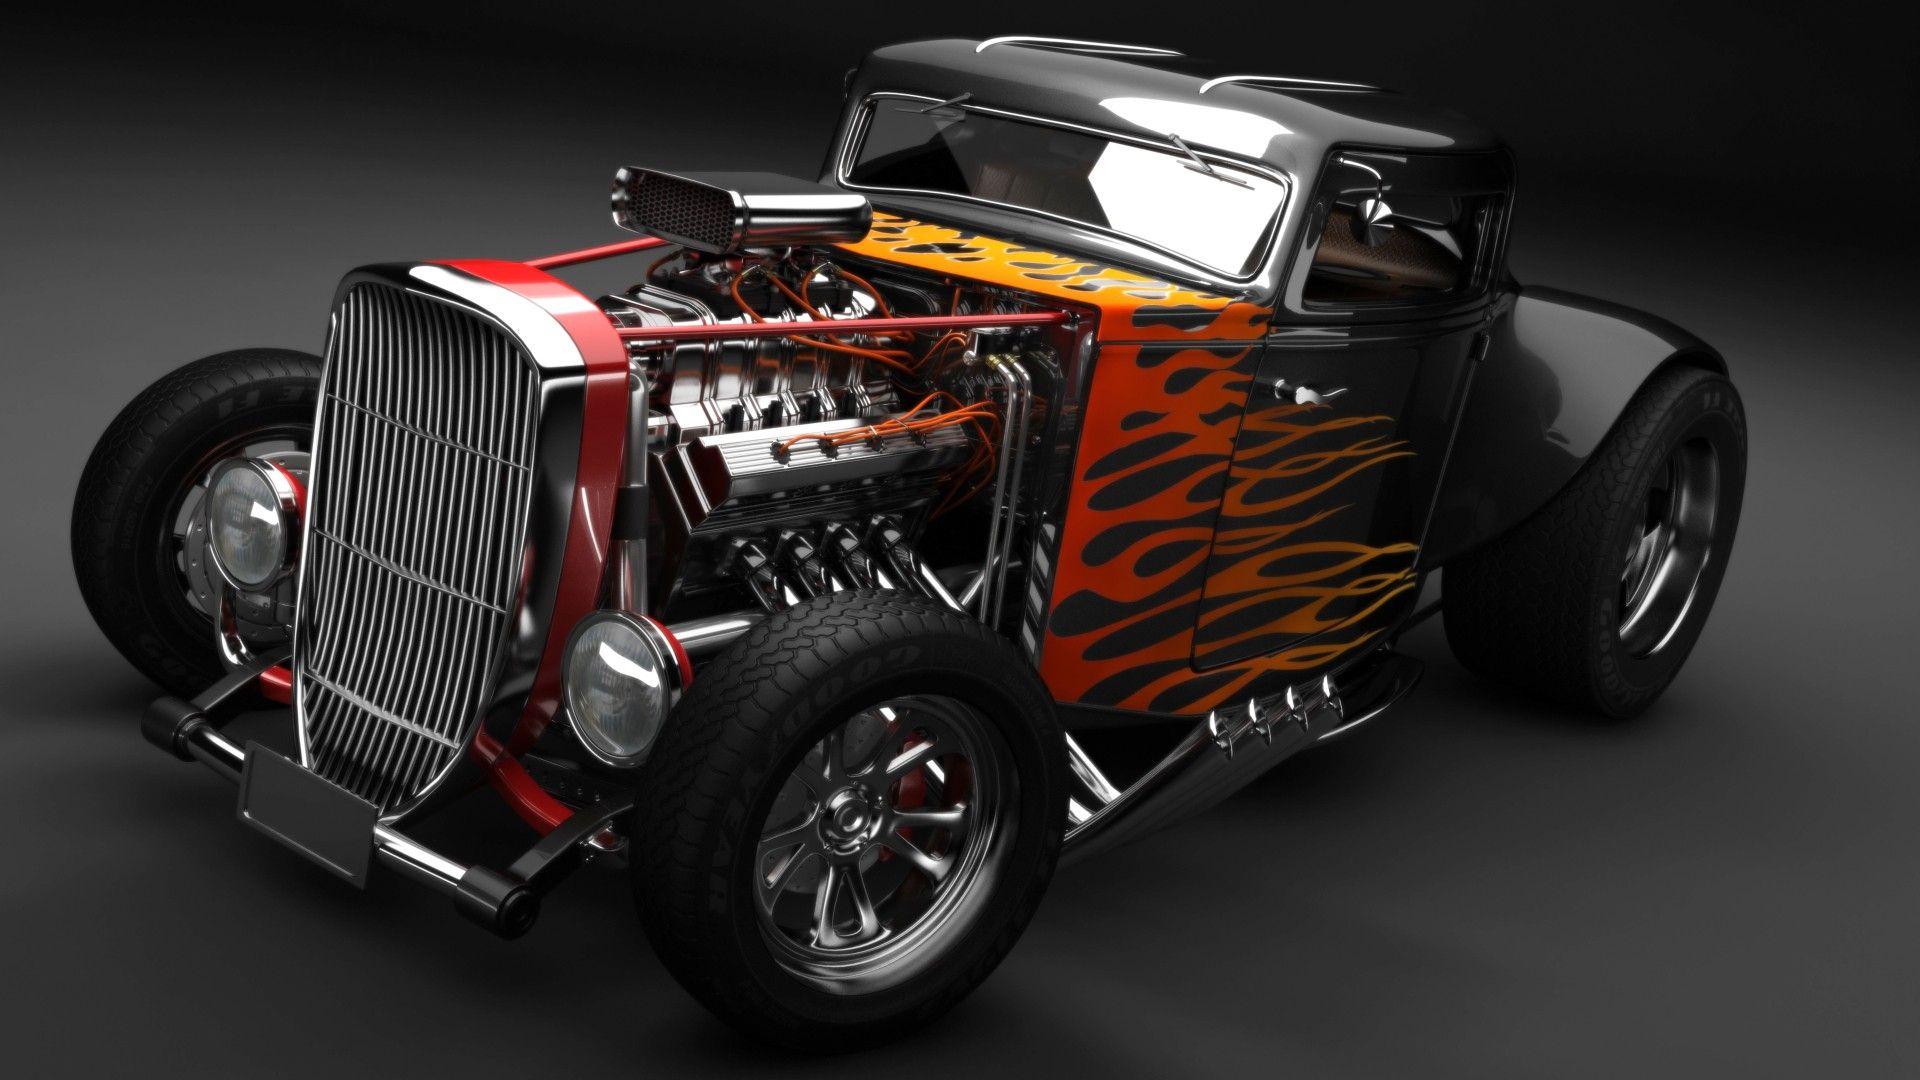 Hot Rod Fonds D Ecran Arrieres Plan 1920x1080 Id 415198 Hot Rods Cars Hot Rods Hot Cars